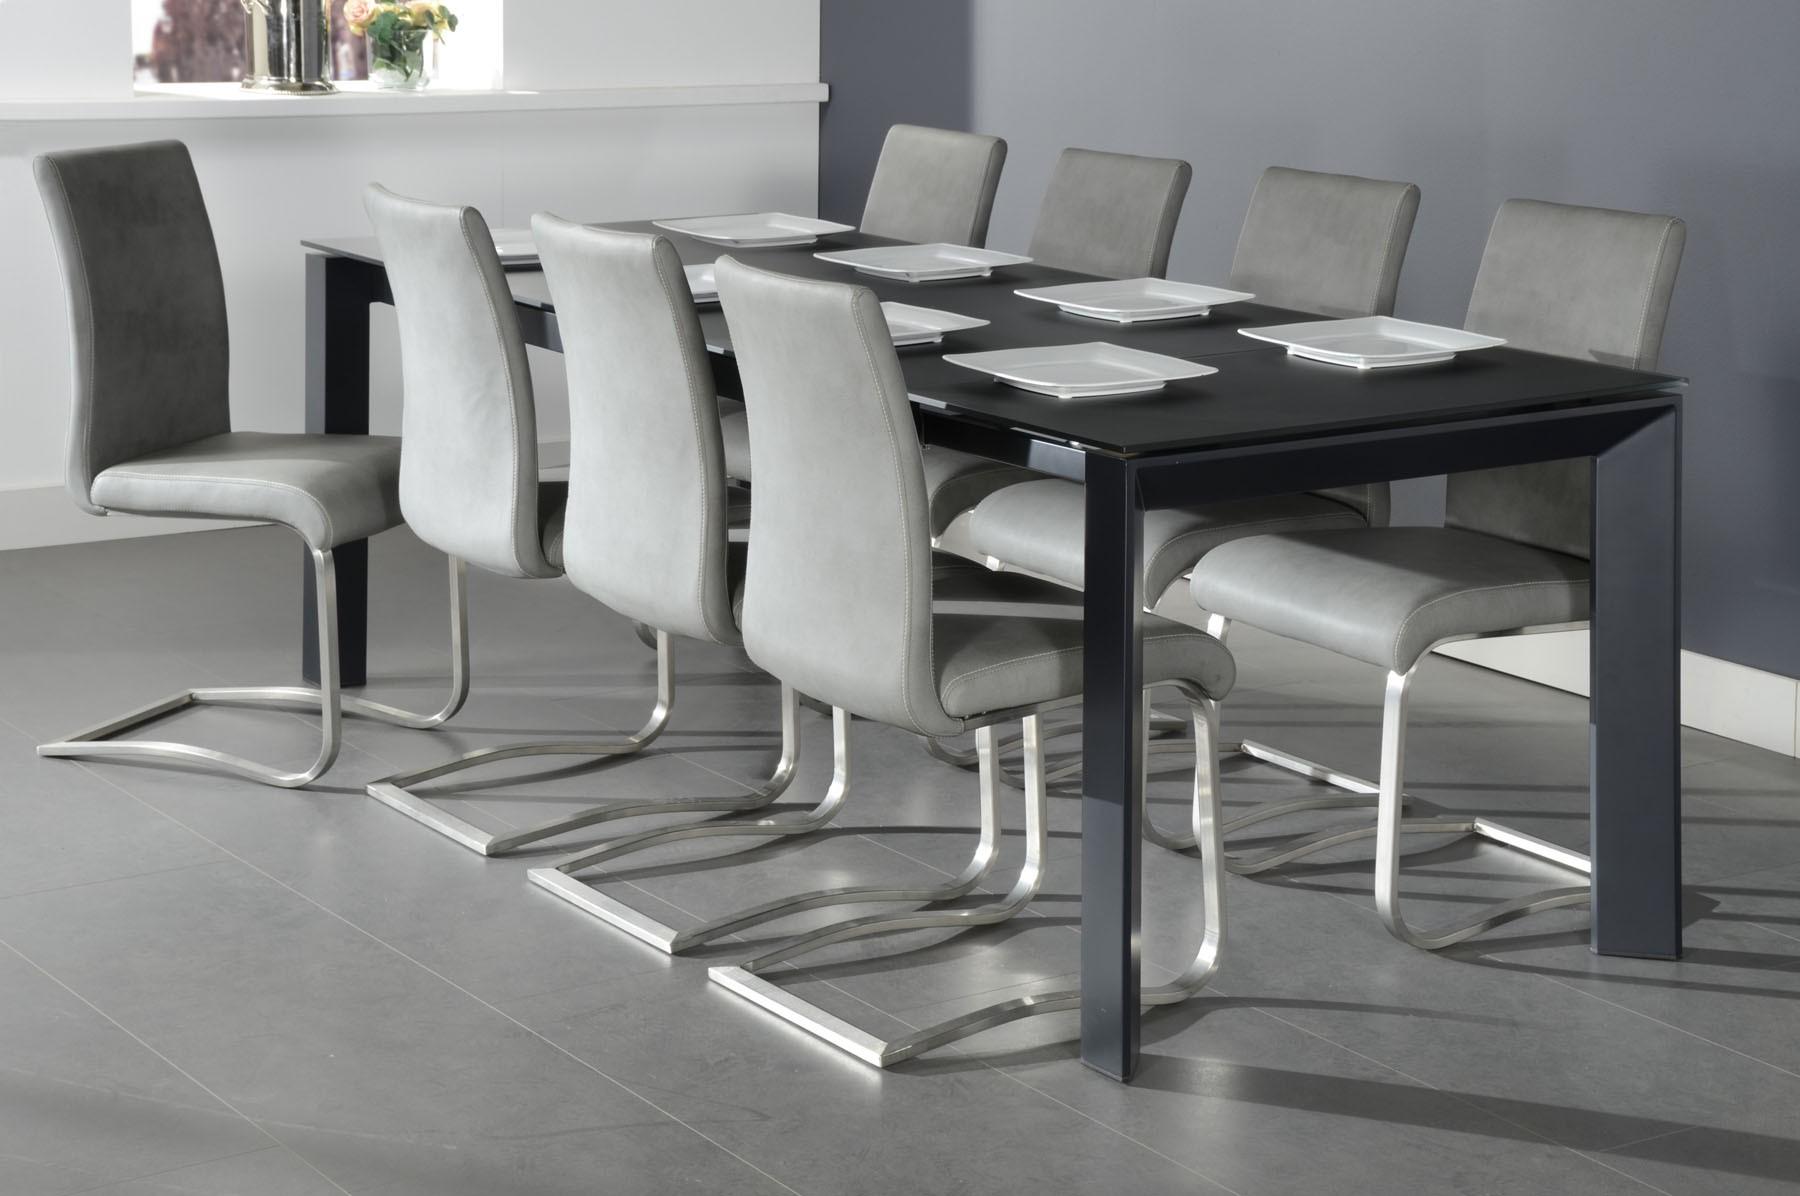 Esstisch schwarz  Milan 2 Esstisch oder Konferenztisch gefrostetes Grauglas und ...